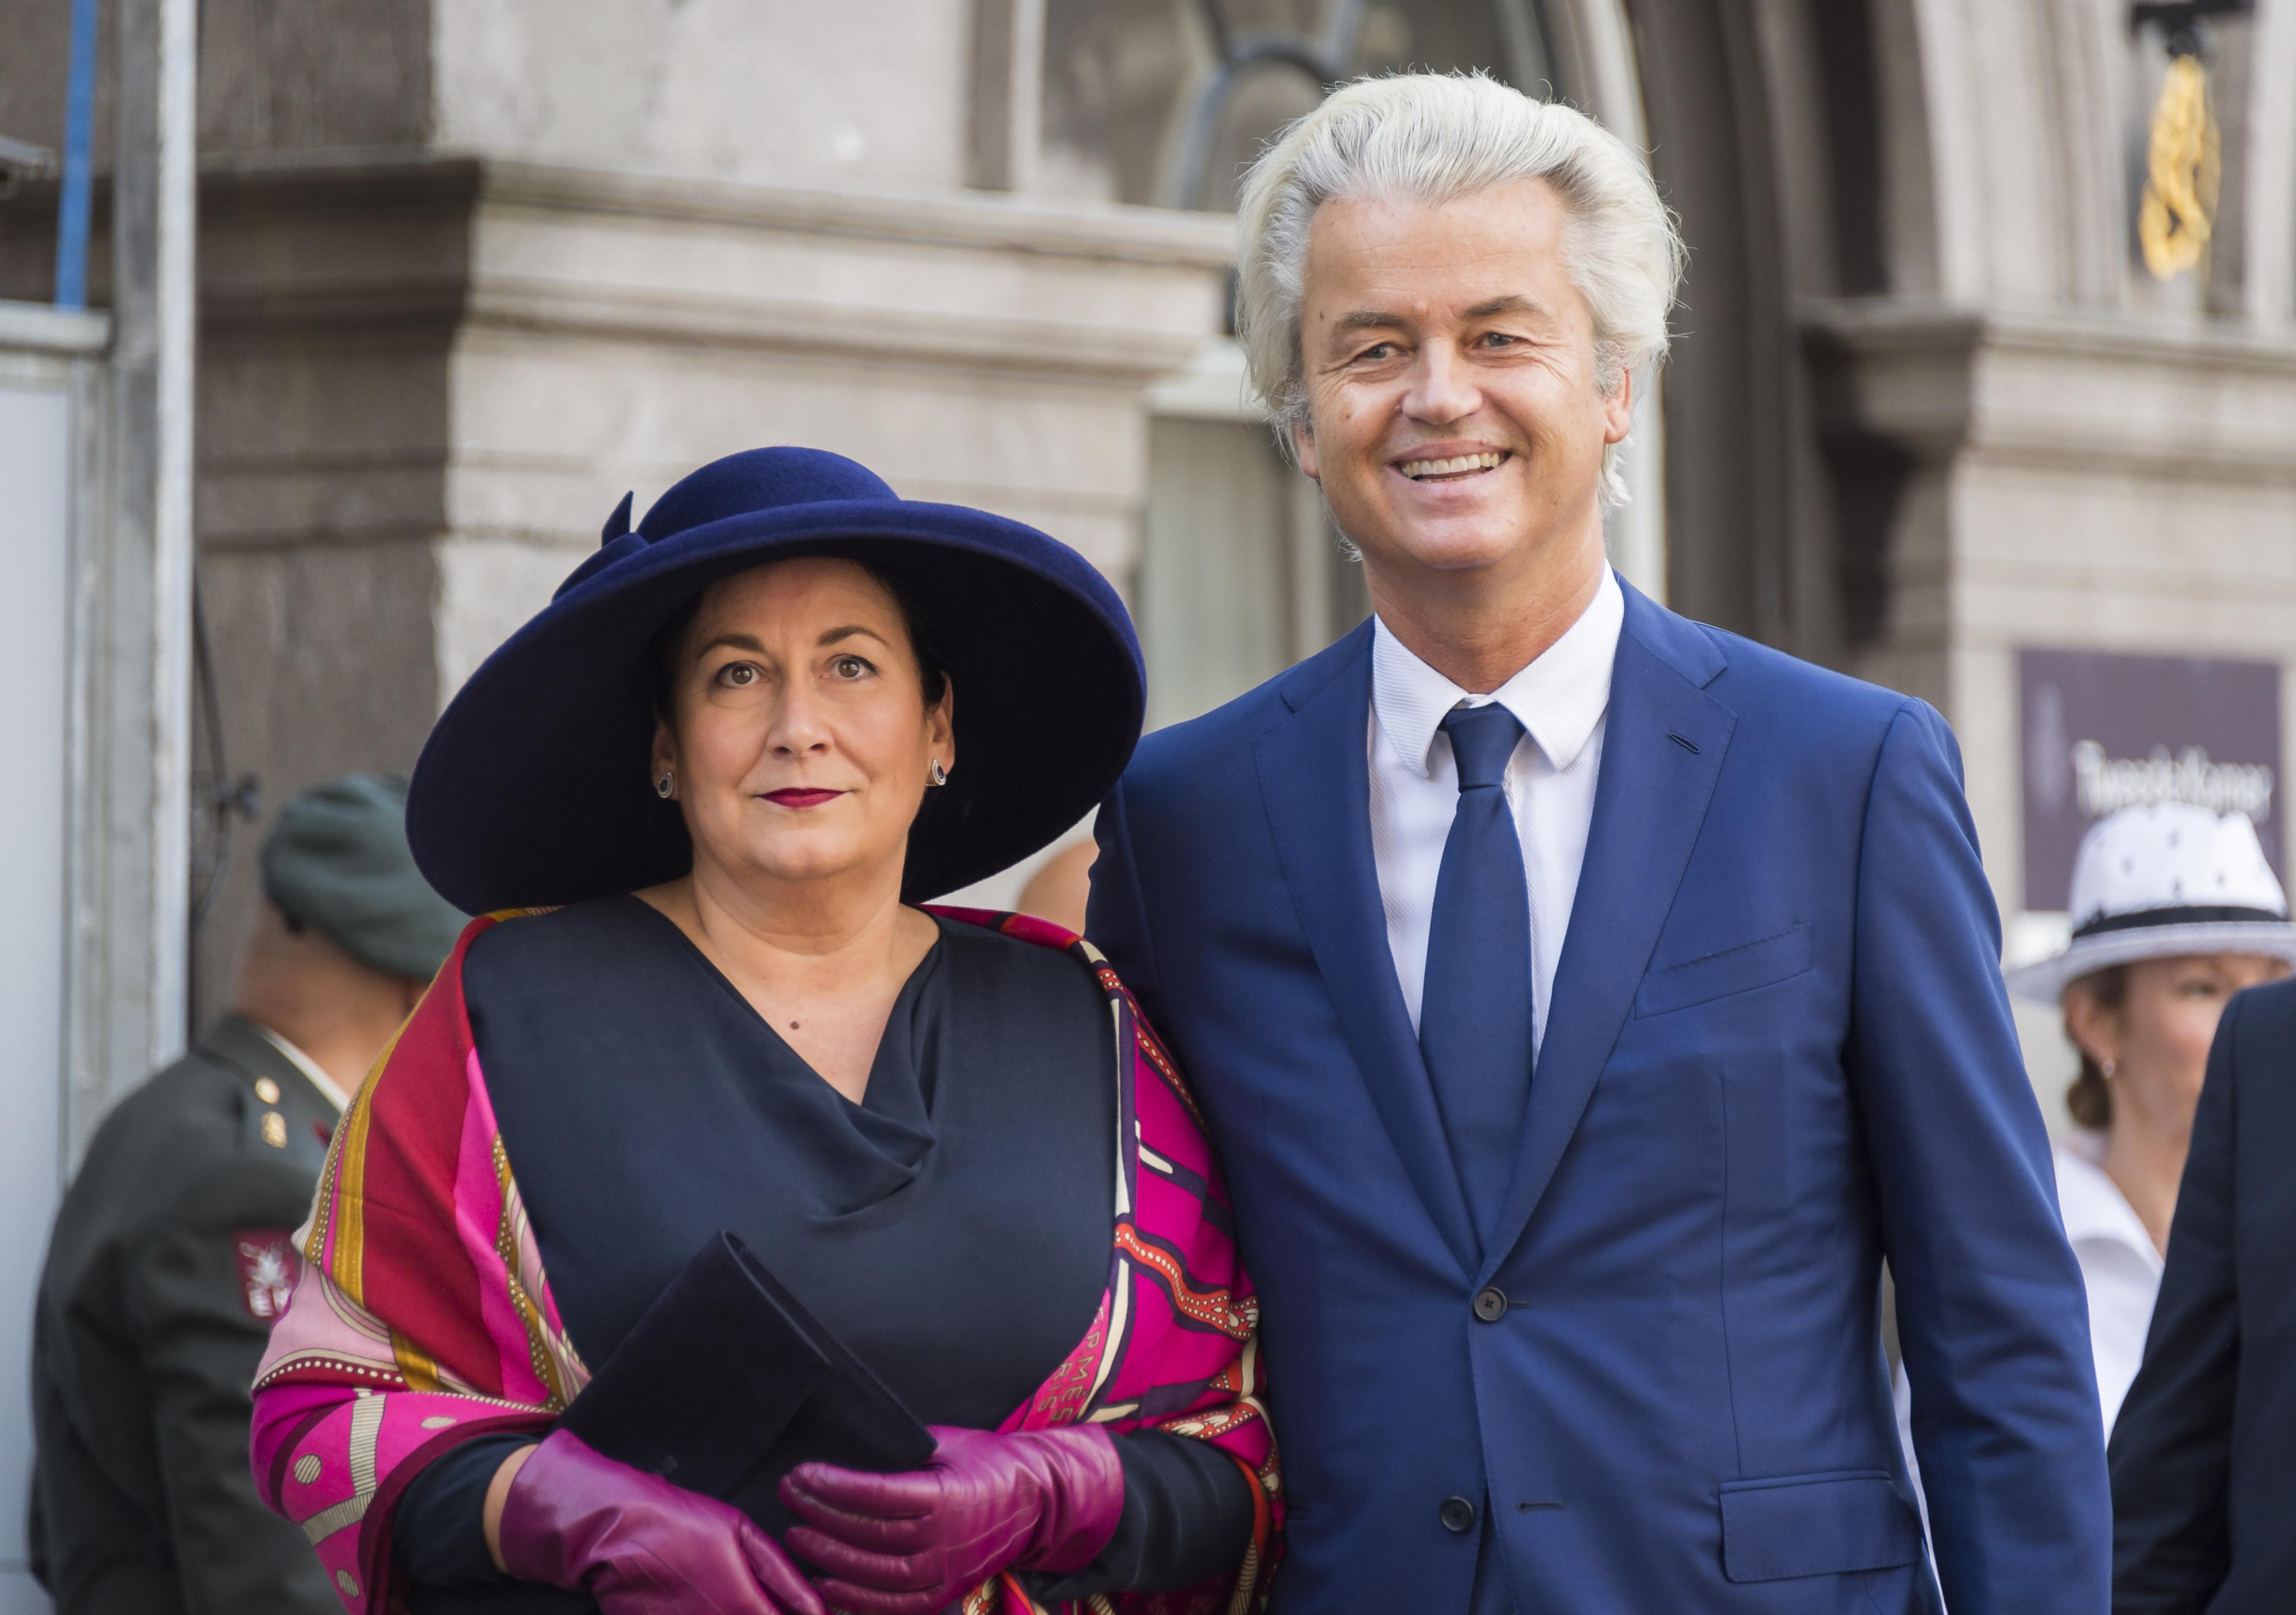 PVV-leider Geert Wilders met zijn vrouw bij de Ridderzaal op Prinsjesdag. ANP